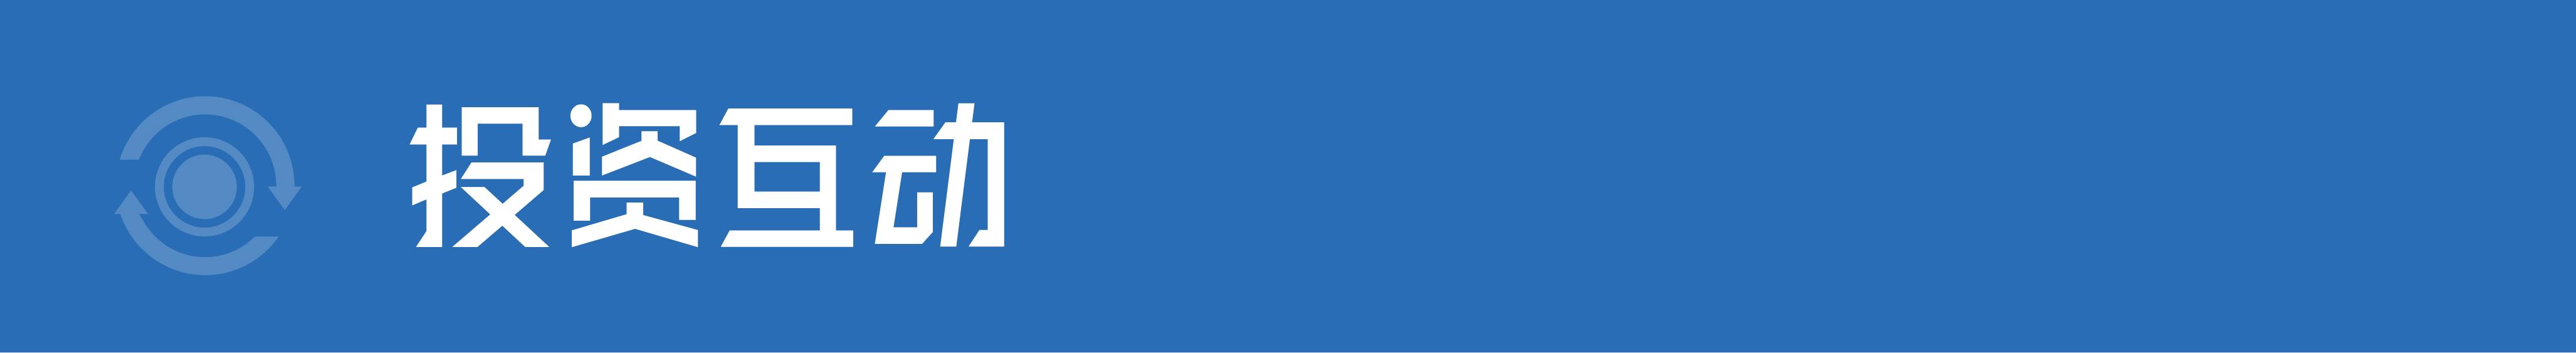 天游平台注册地址早财经丨李克强:维护产业链供应链稳定,保证能源电力供应;事关个人征信,央行发布重磅新规;工信部拟规定核心数据不得出境